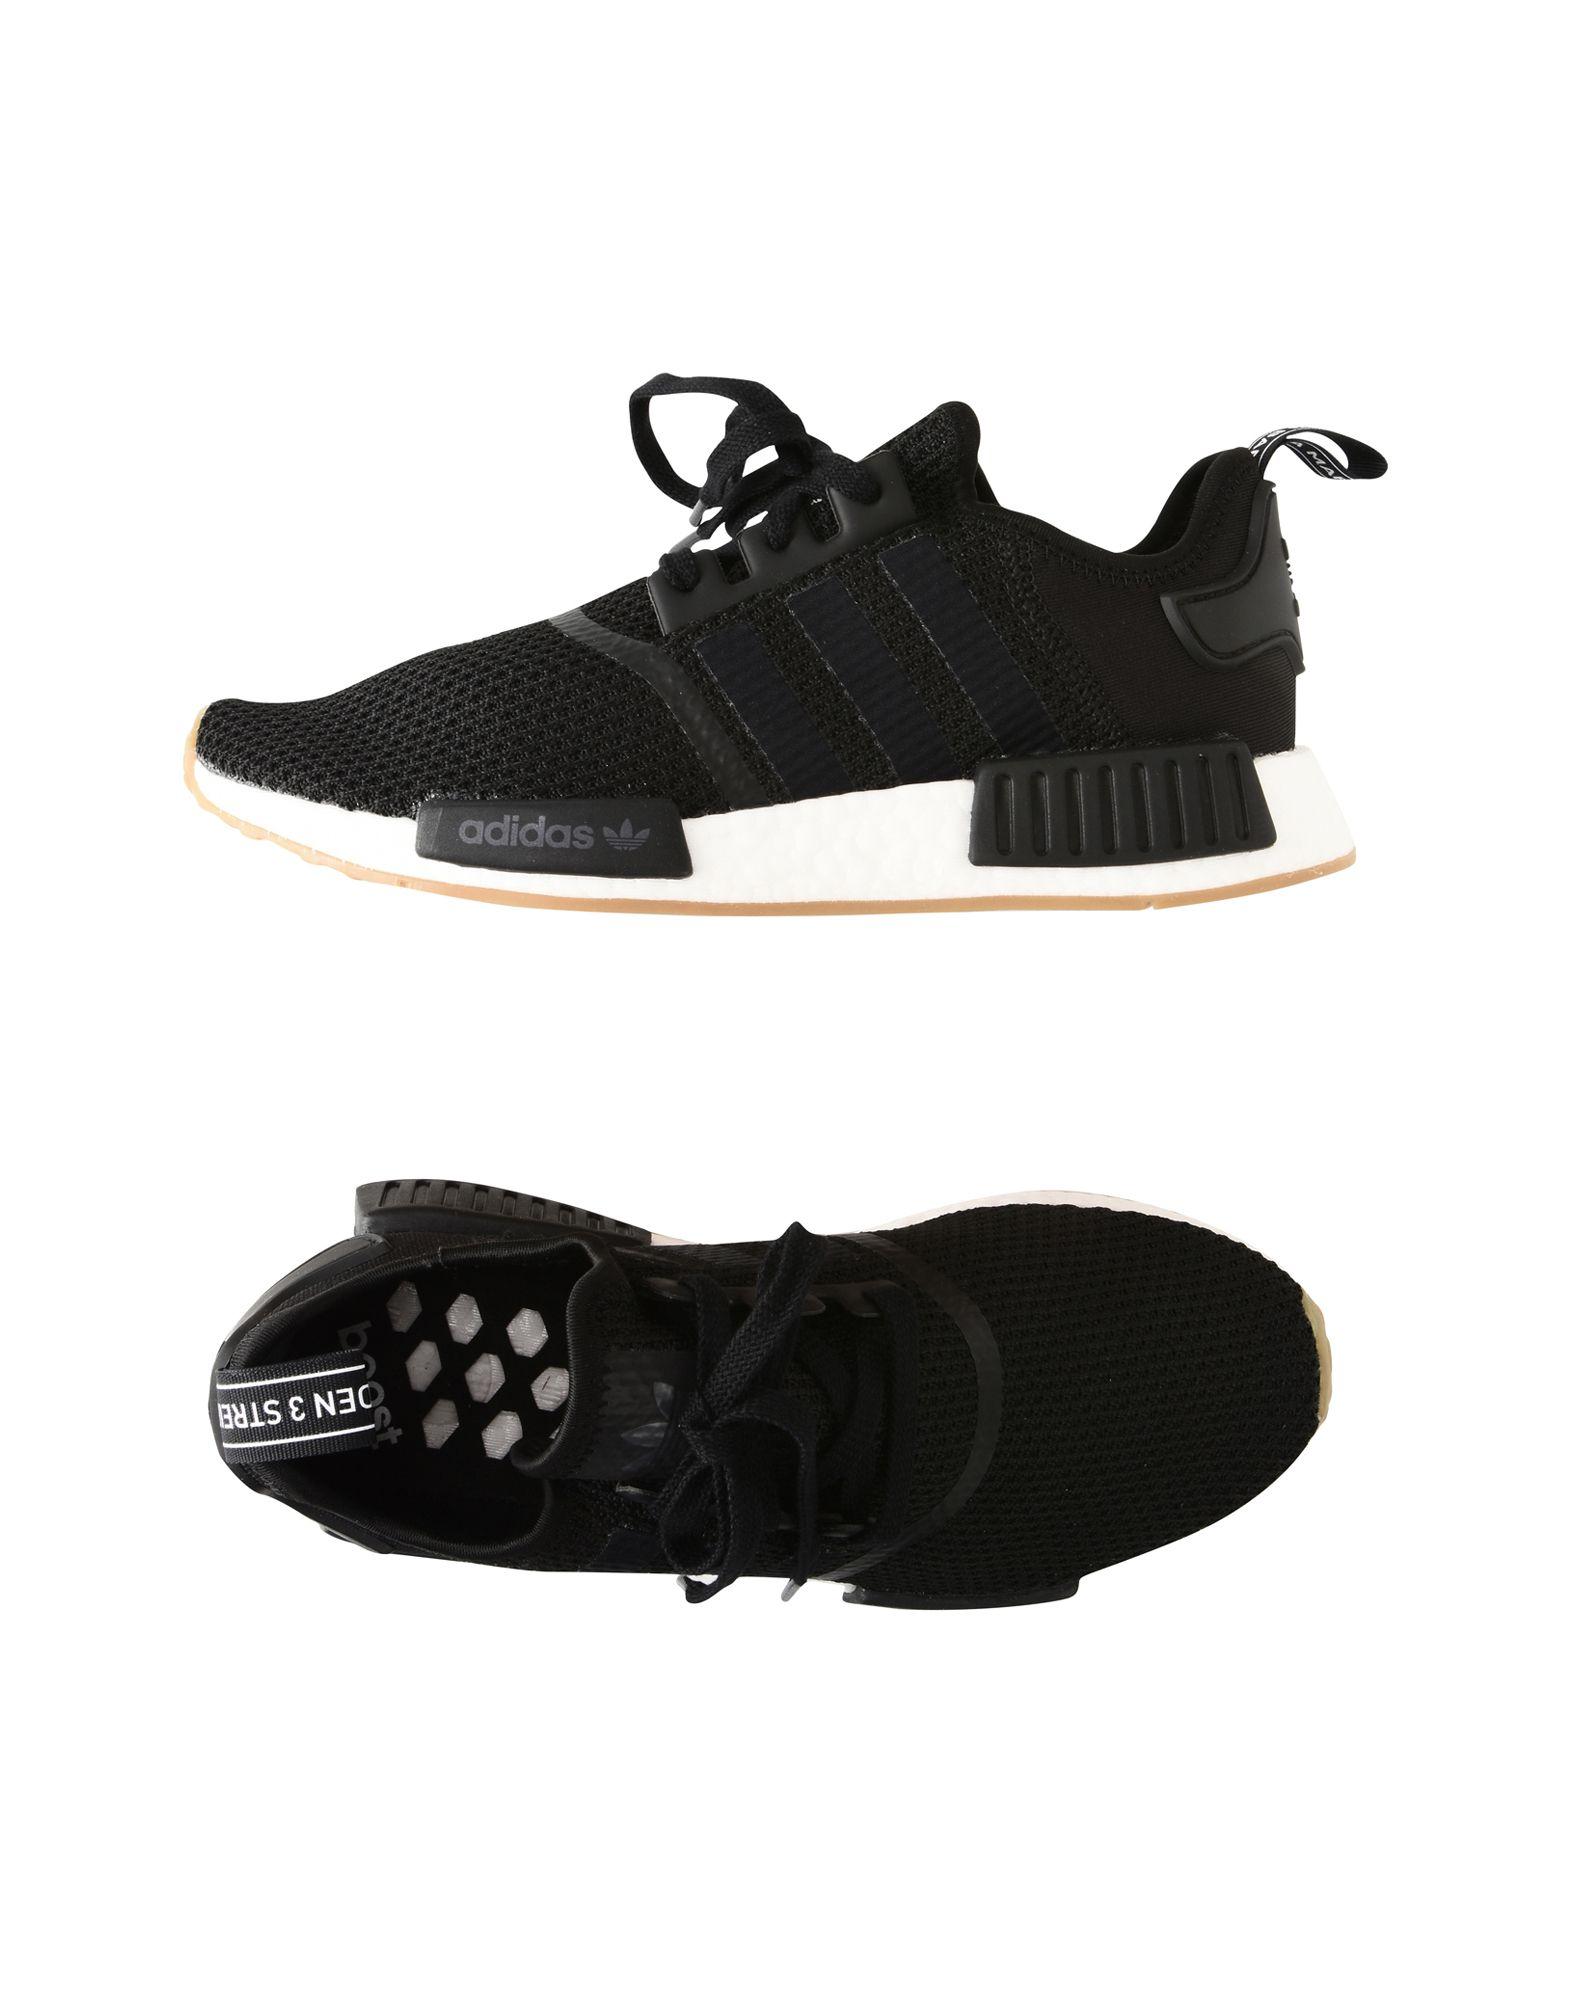 Sneakers Adidas Originals Nmd_R1 - Uomo - 11533602GO